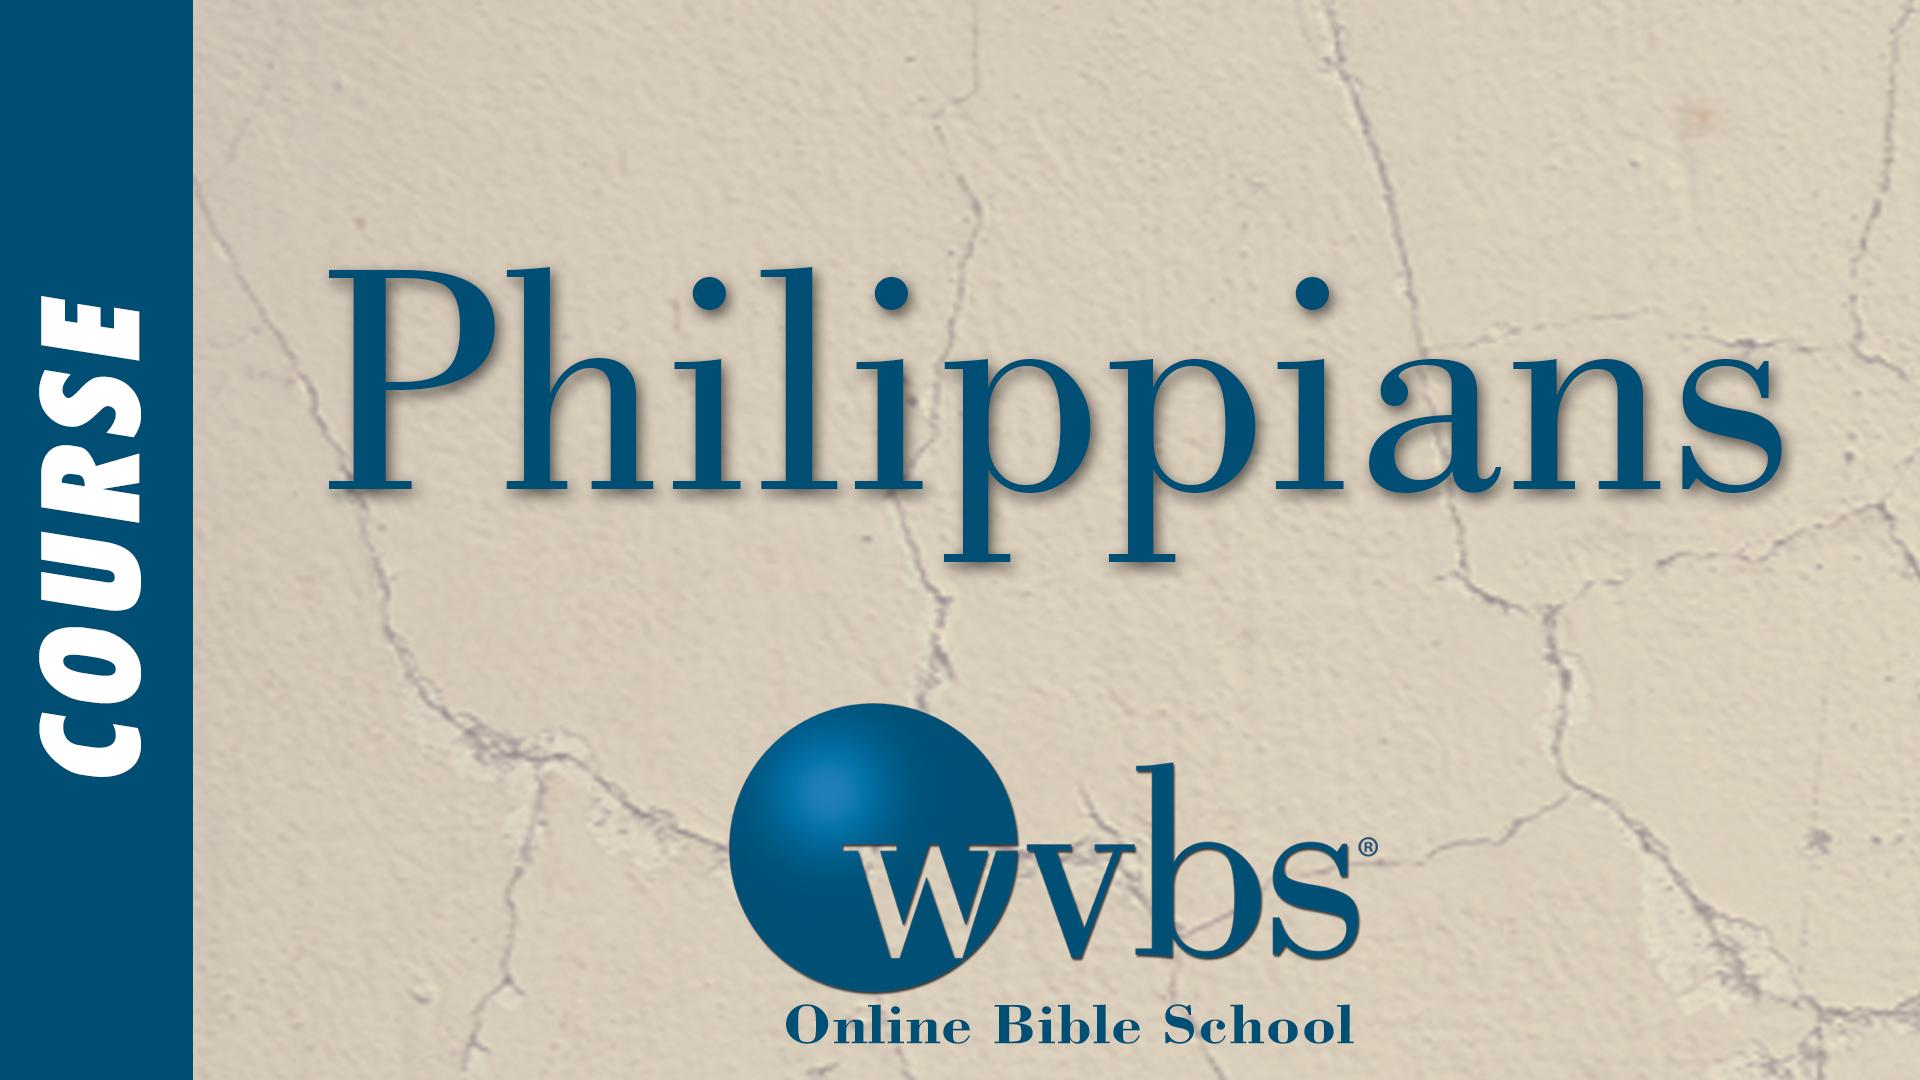 Philippians (Online Bible School)